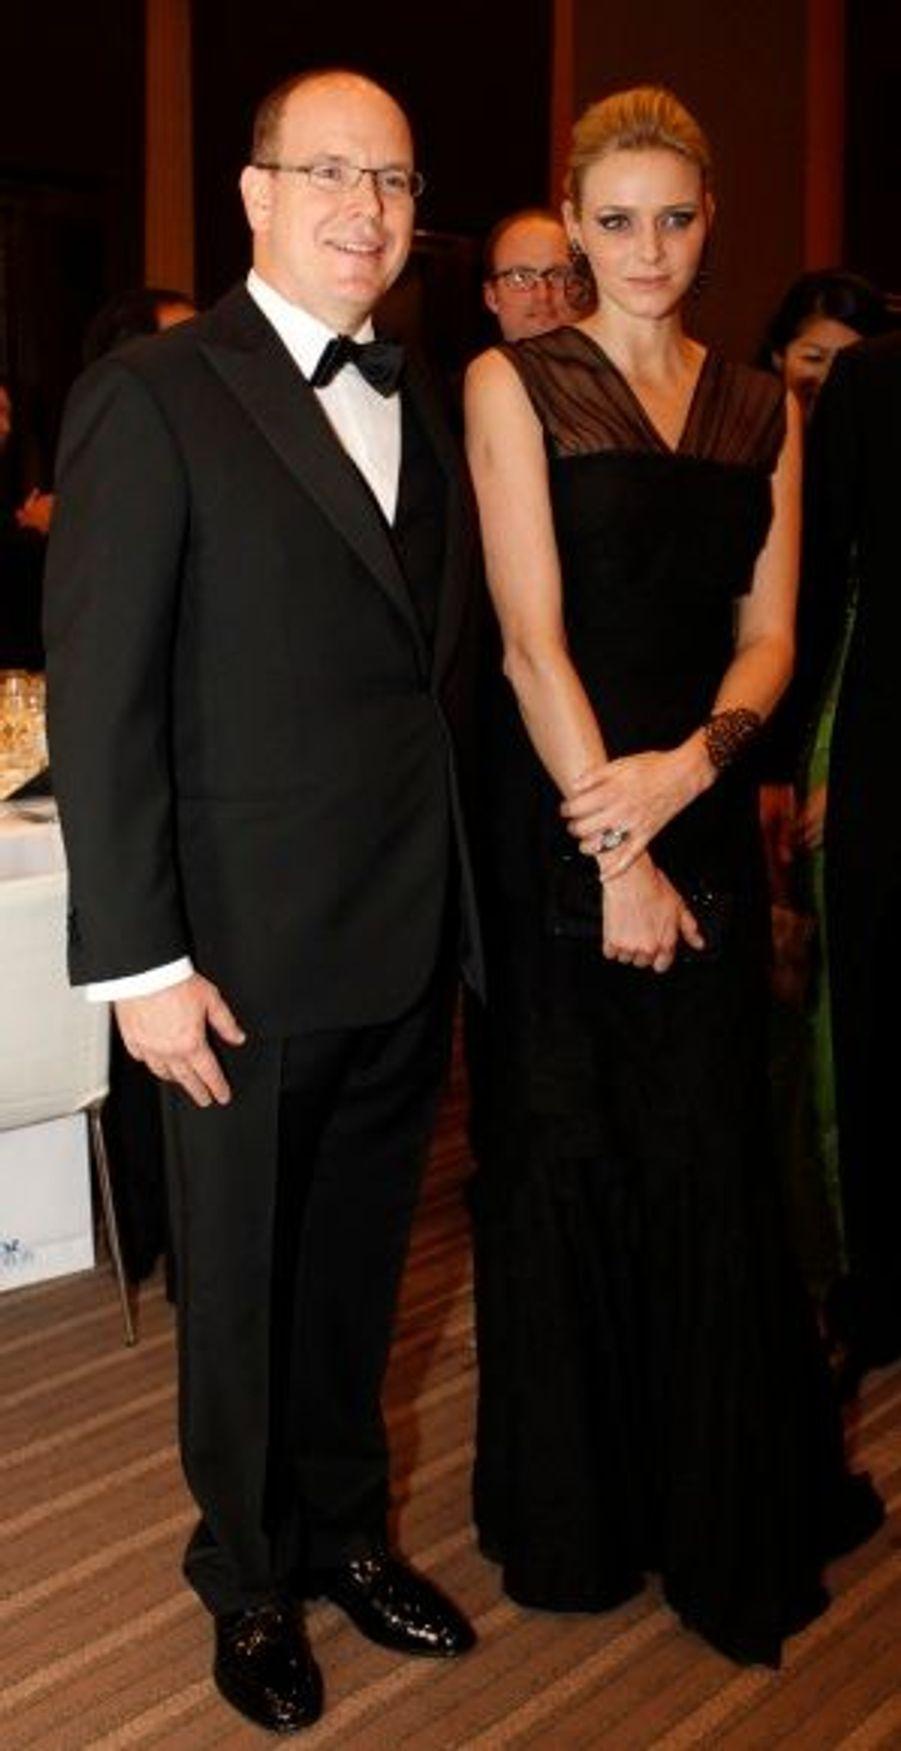 Pour assister au dîner de charité organisé par l'association BirdLife International à Tokyo, la jeune femme resplendissait dans une tenue minimaliste noire, agrémentée d'une mousseline transparente couvrant ses épaules.